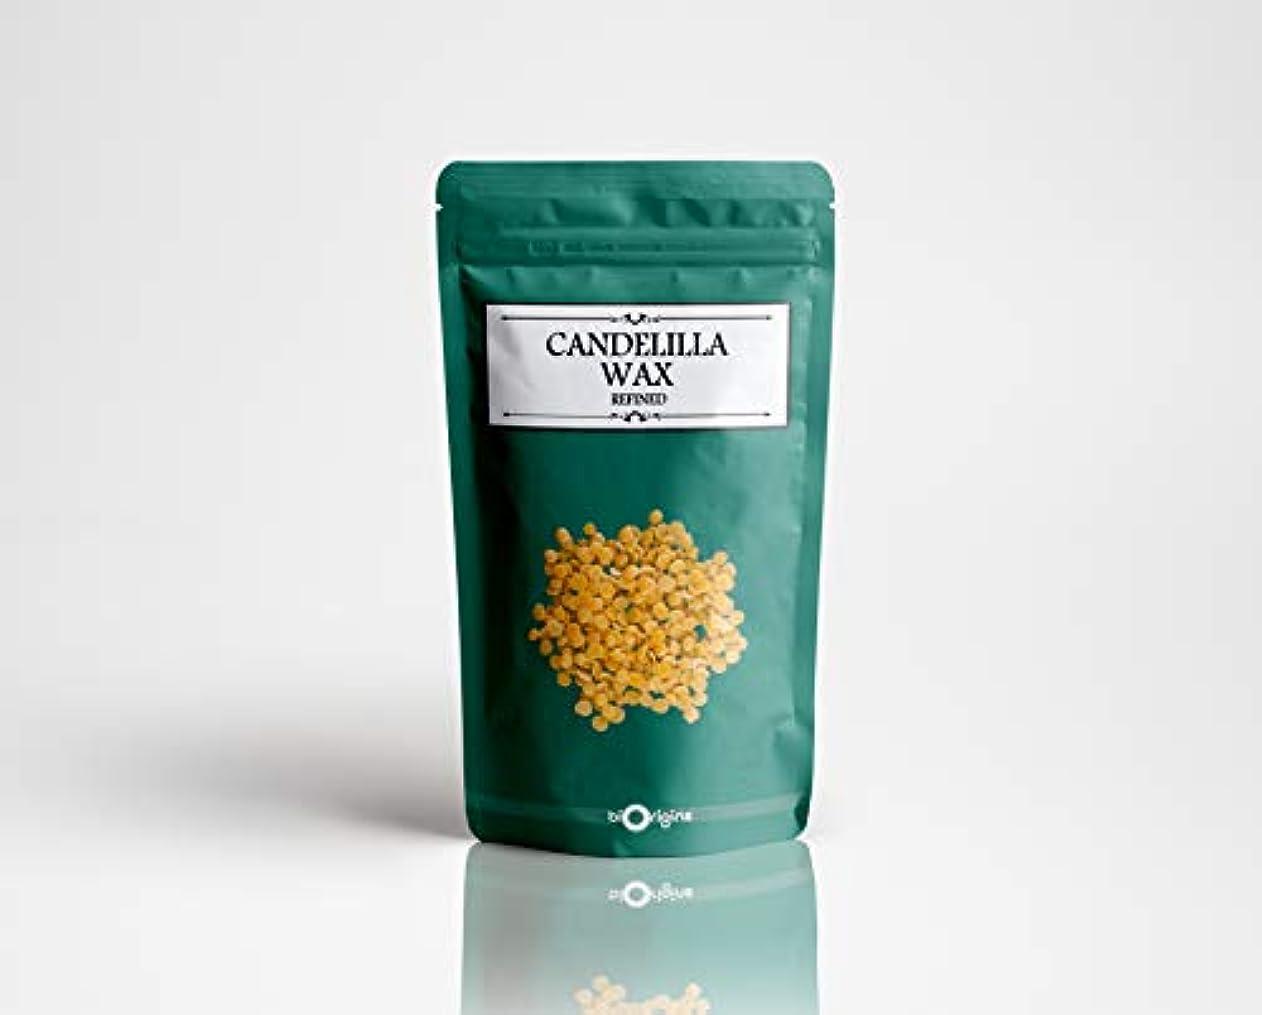 栄光の指私たち自身Candelilla Wax 100g